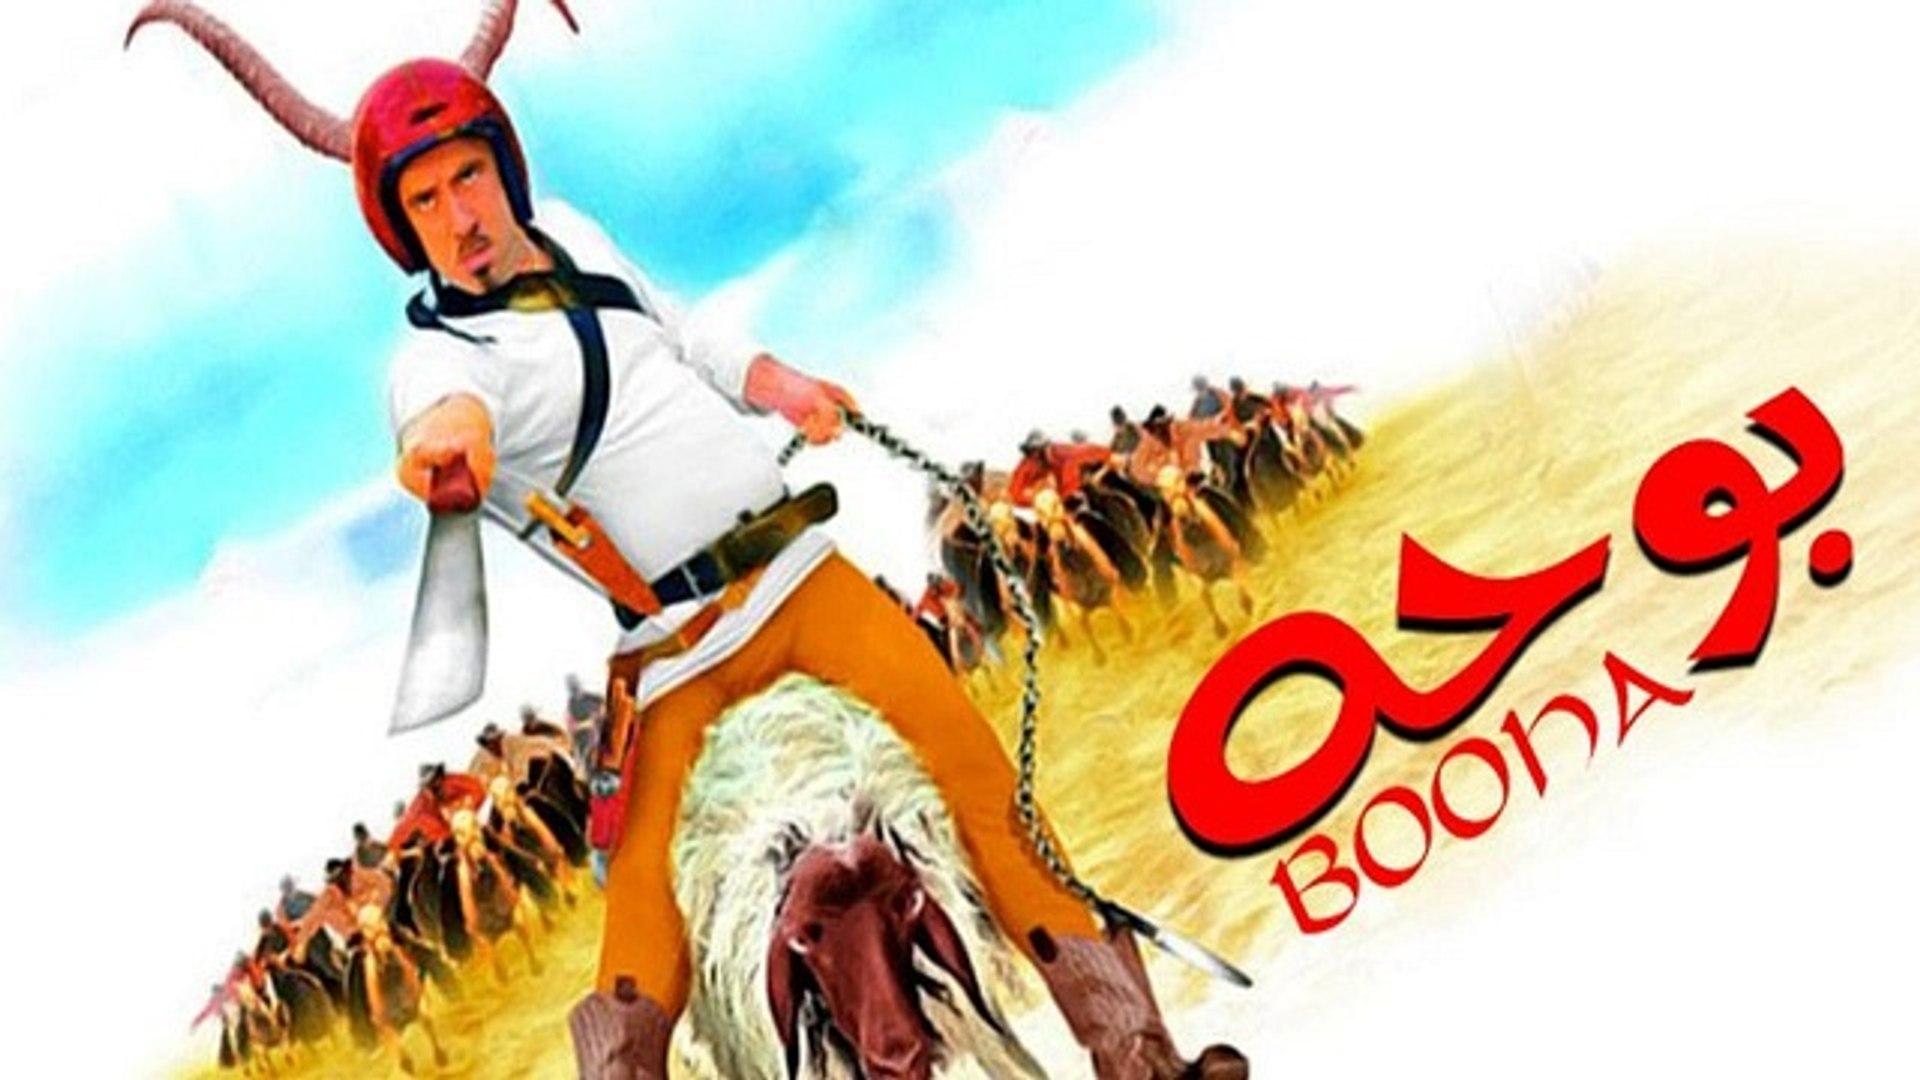 أفضل أفلام العيد المطلوبة في مصر